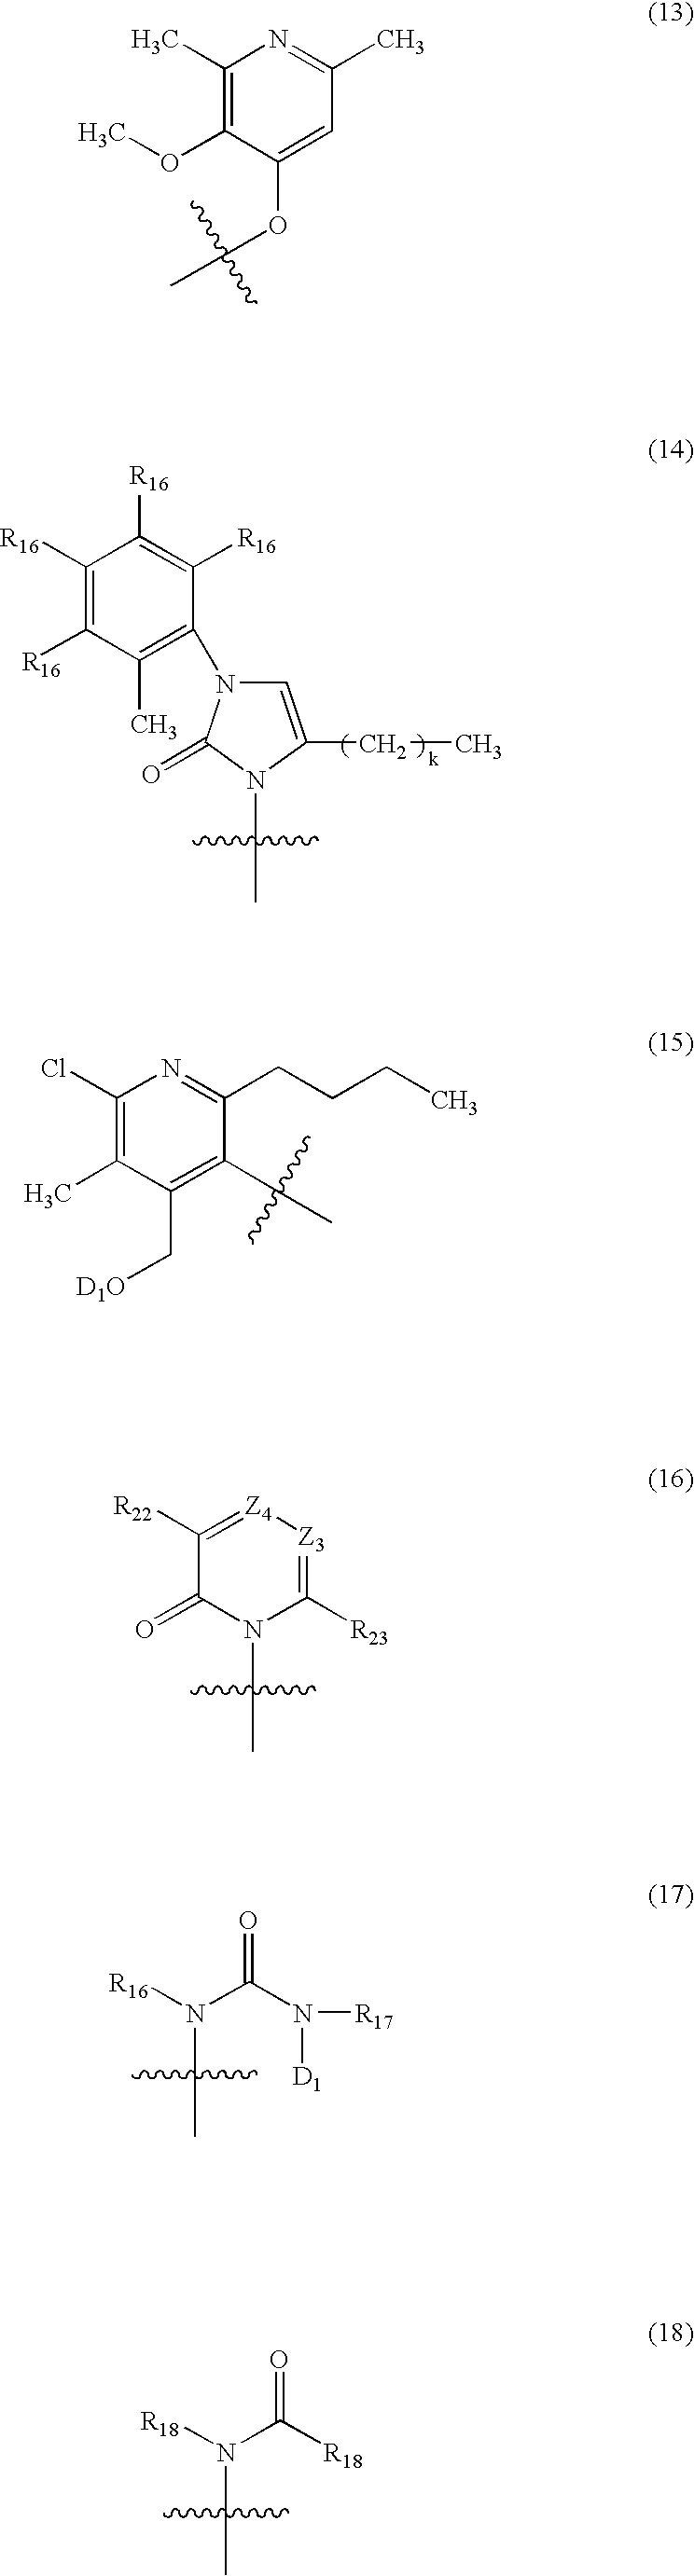 Figure US20070238740A1-20071011-C00006